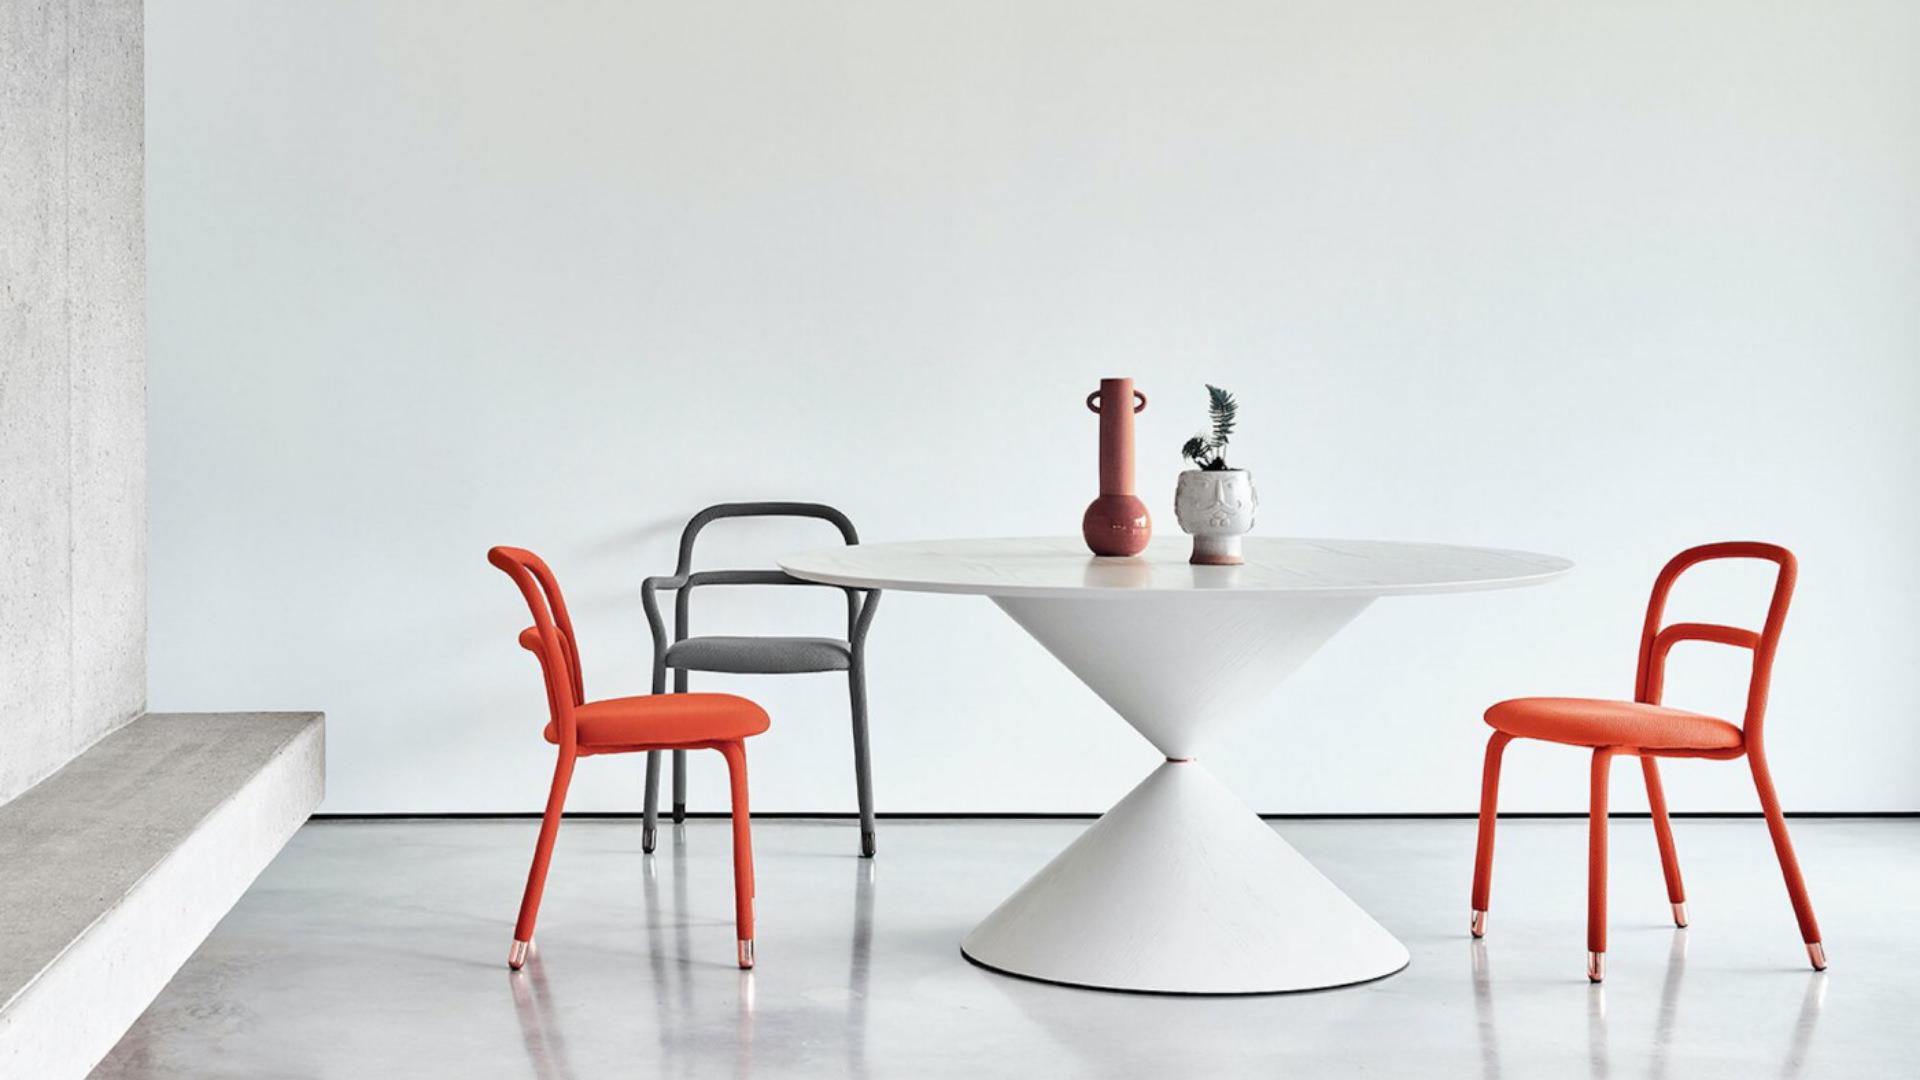 Pack de mesa y sillas a la venta en nuestra tienda de decoración en Málaga